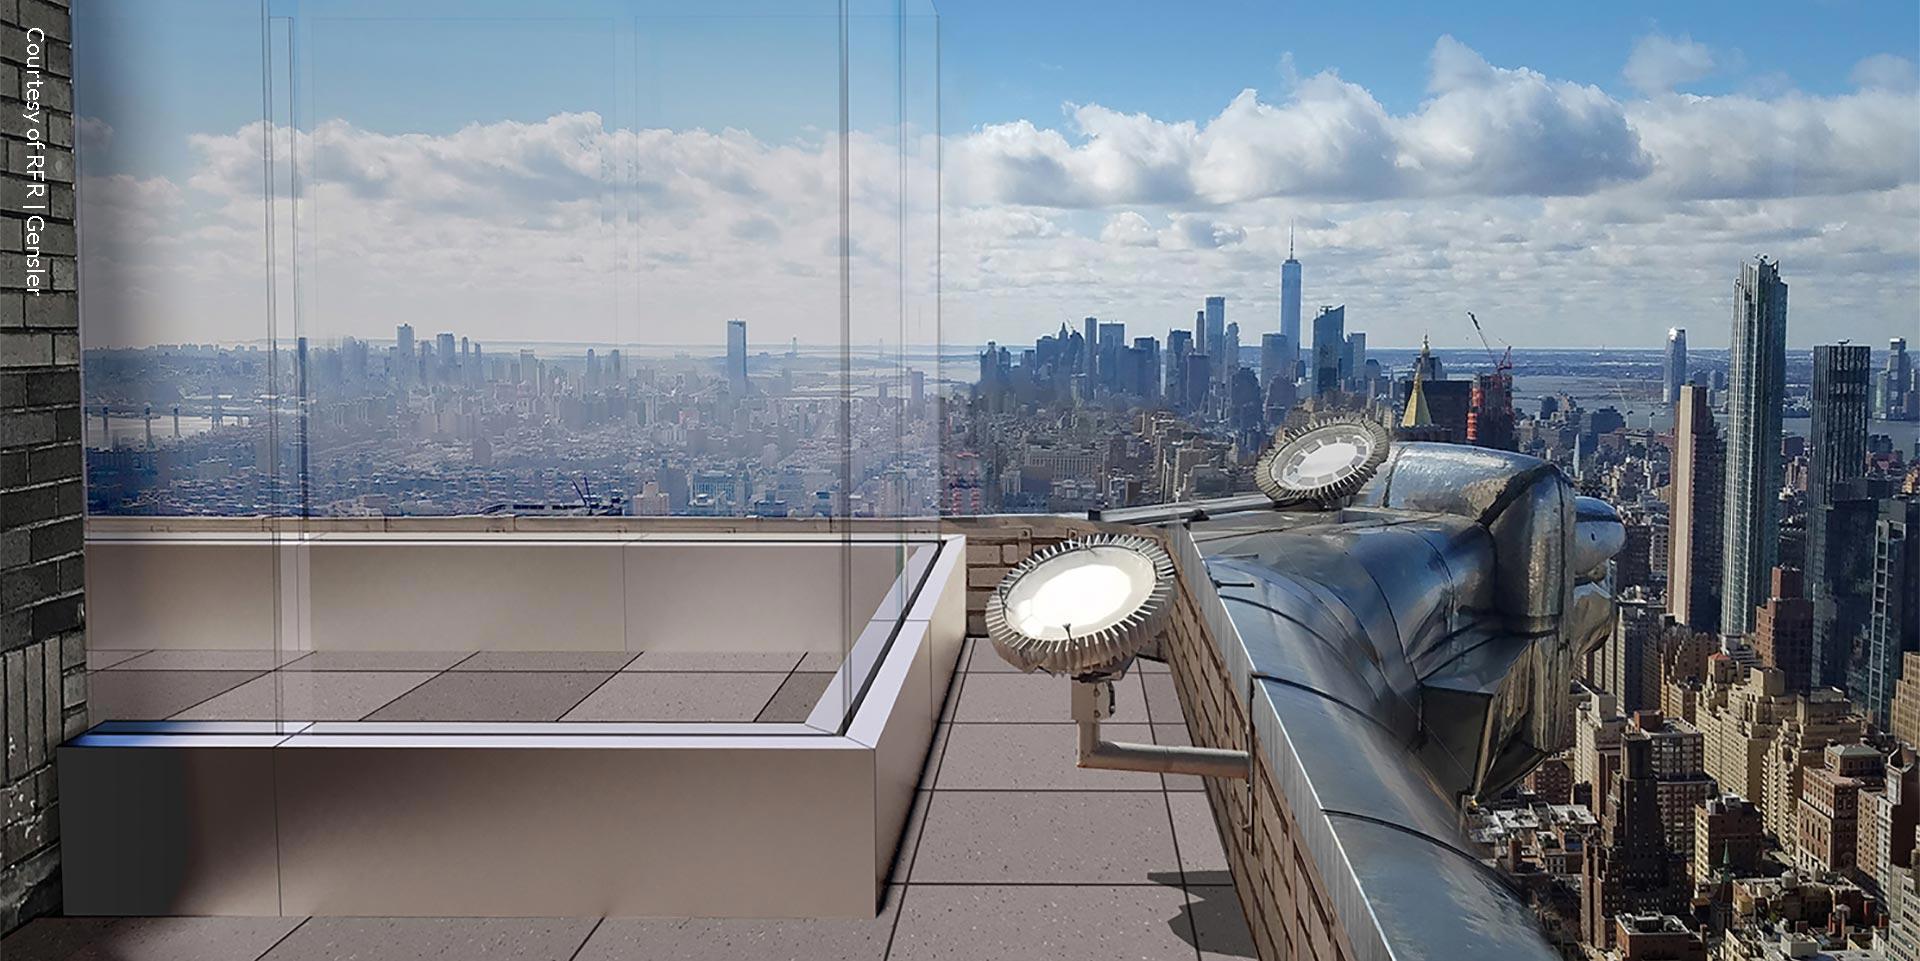 Chrysler Building observation deck View